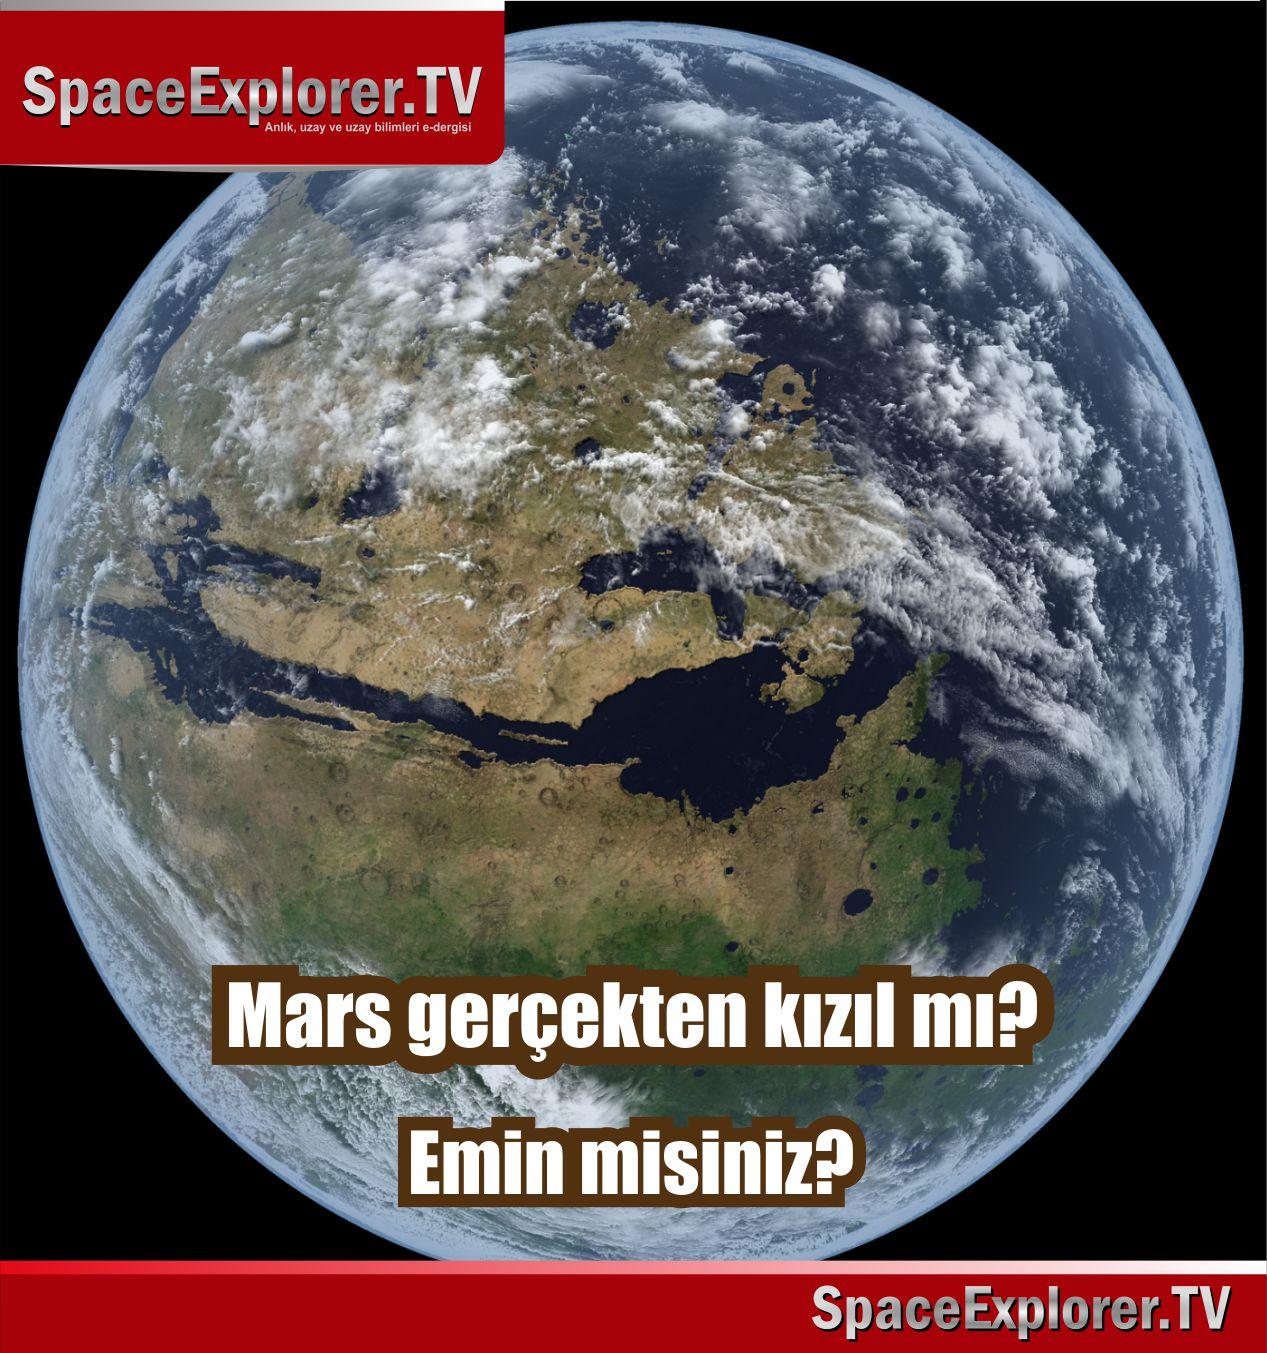 Emin misiniz? Mars gerçekten kızıl mı?